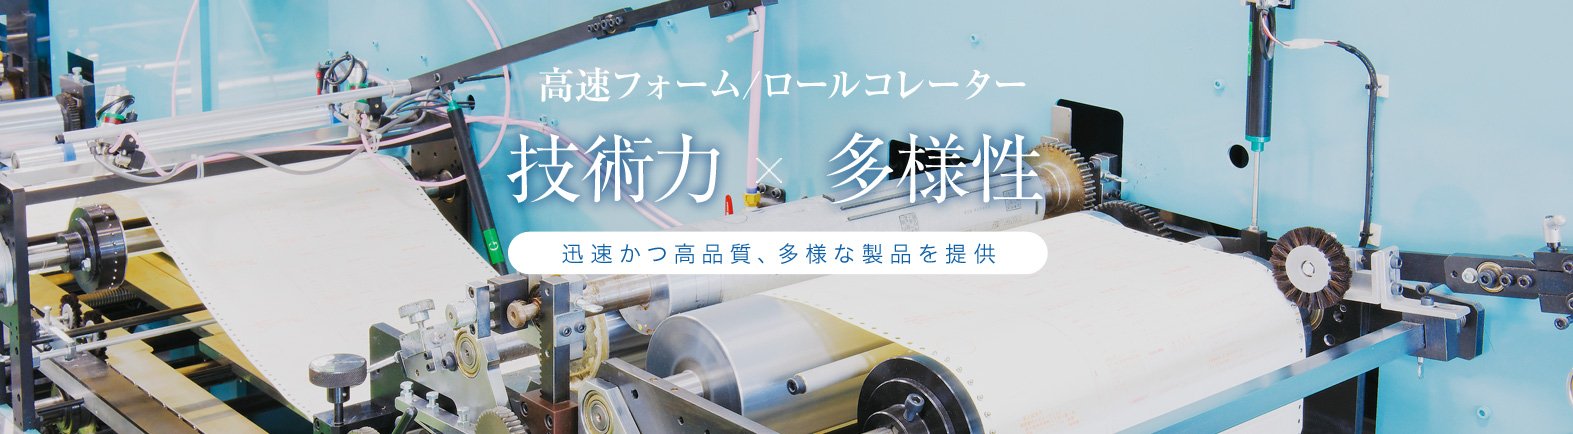 高速フォーム/ロールコレーター